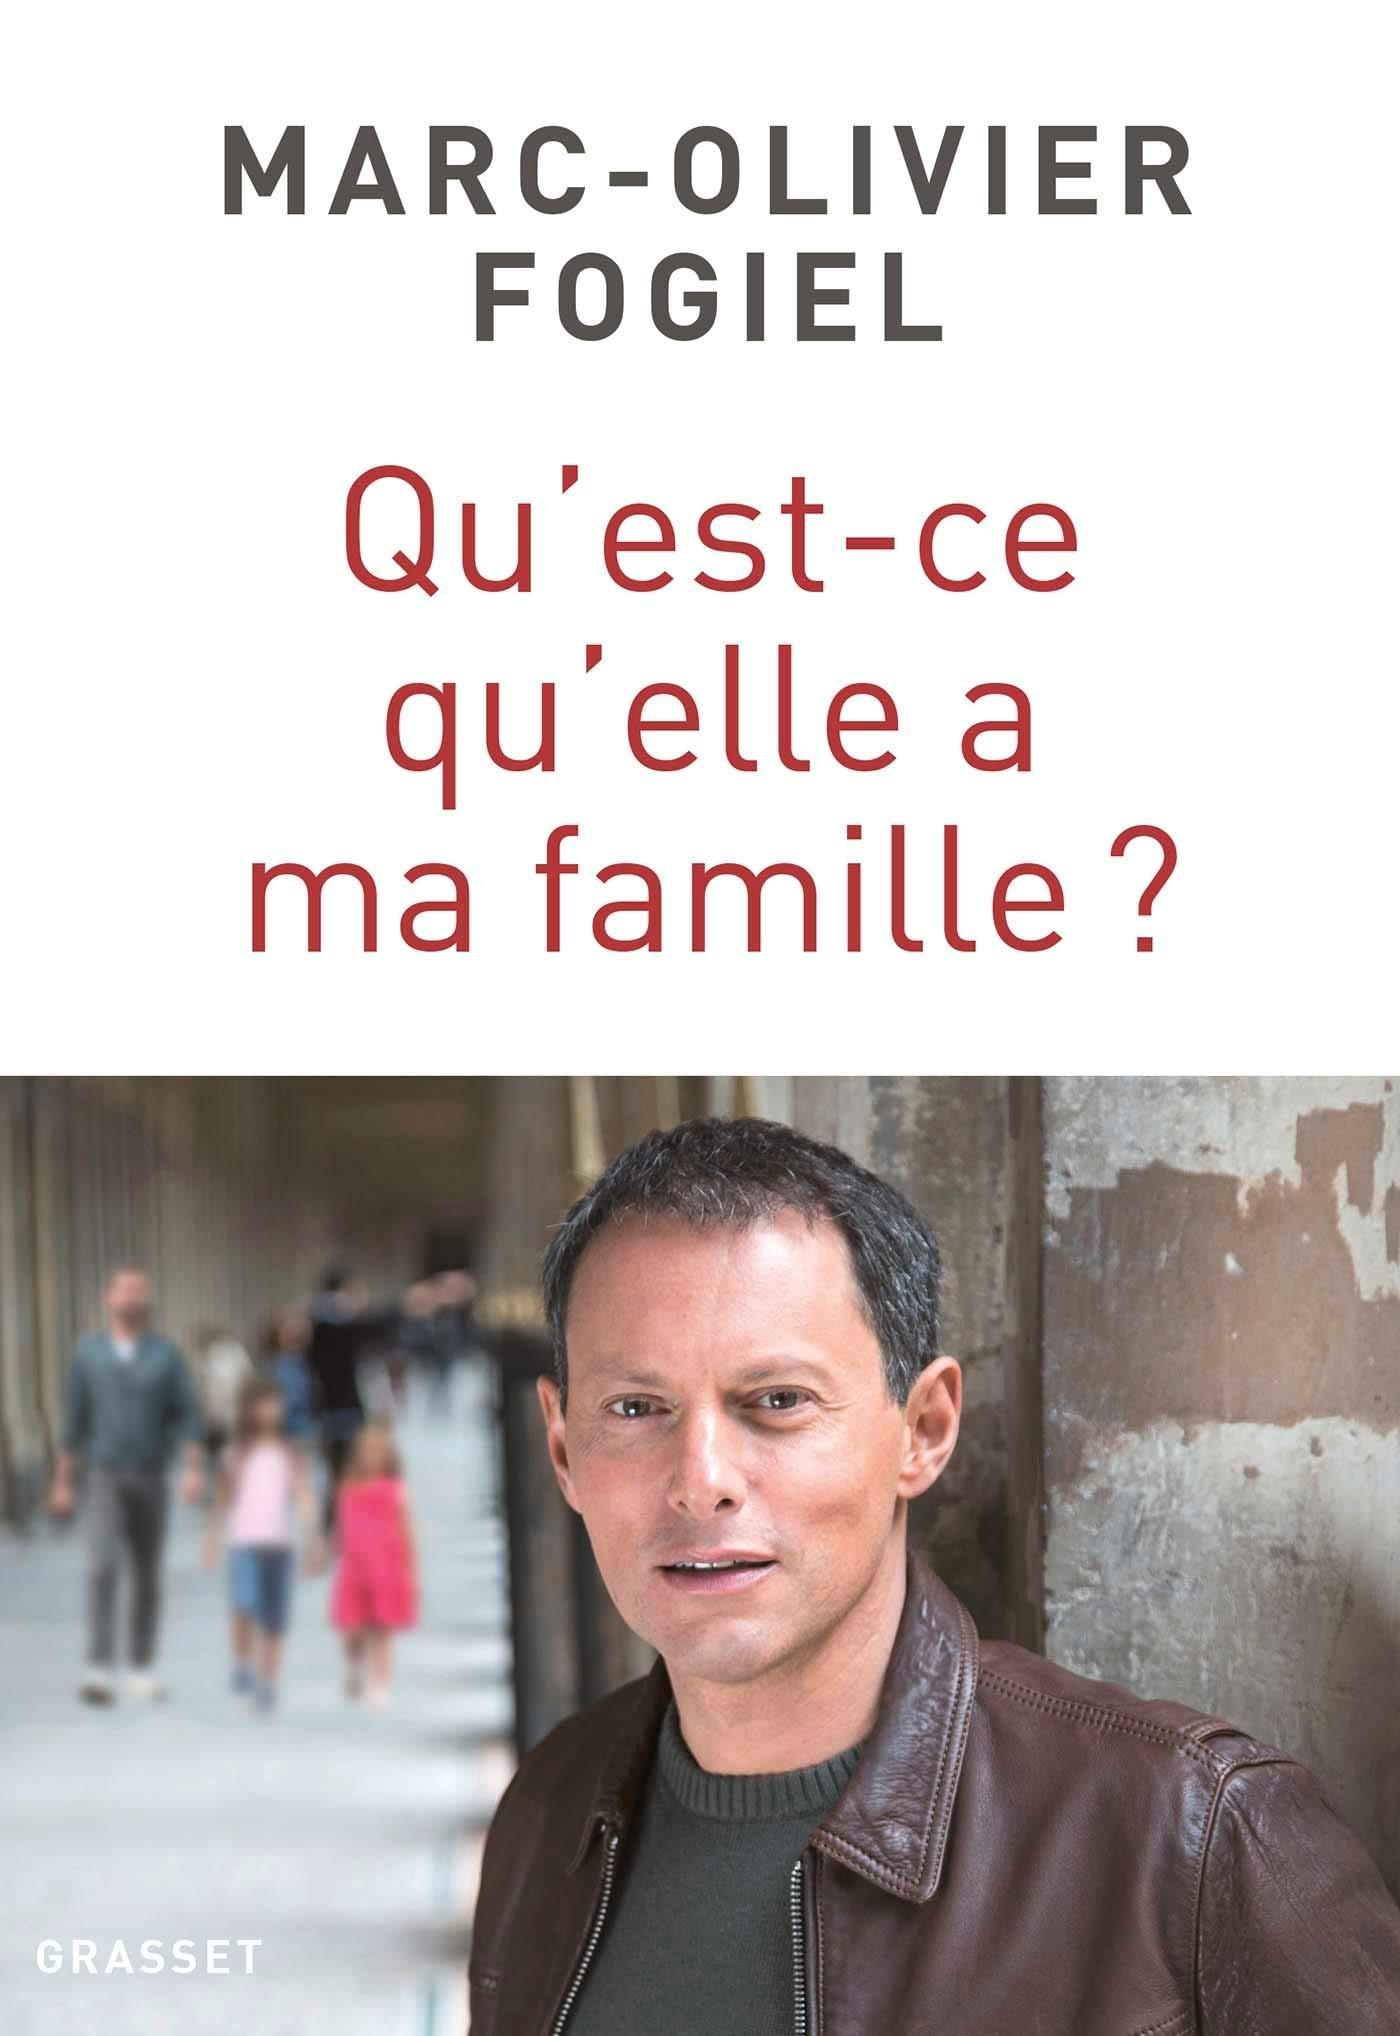 OLIVIER MARC TÉLÉCHARGER DIVAN DE FOGIEL LE